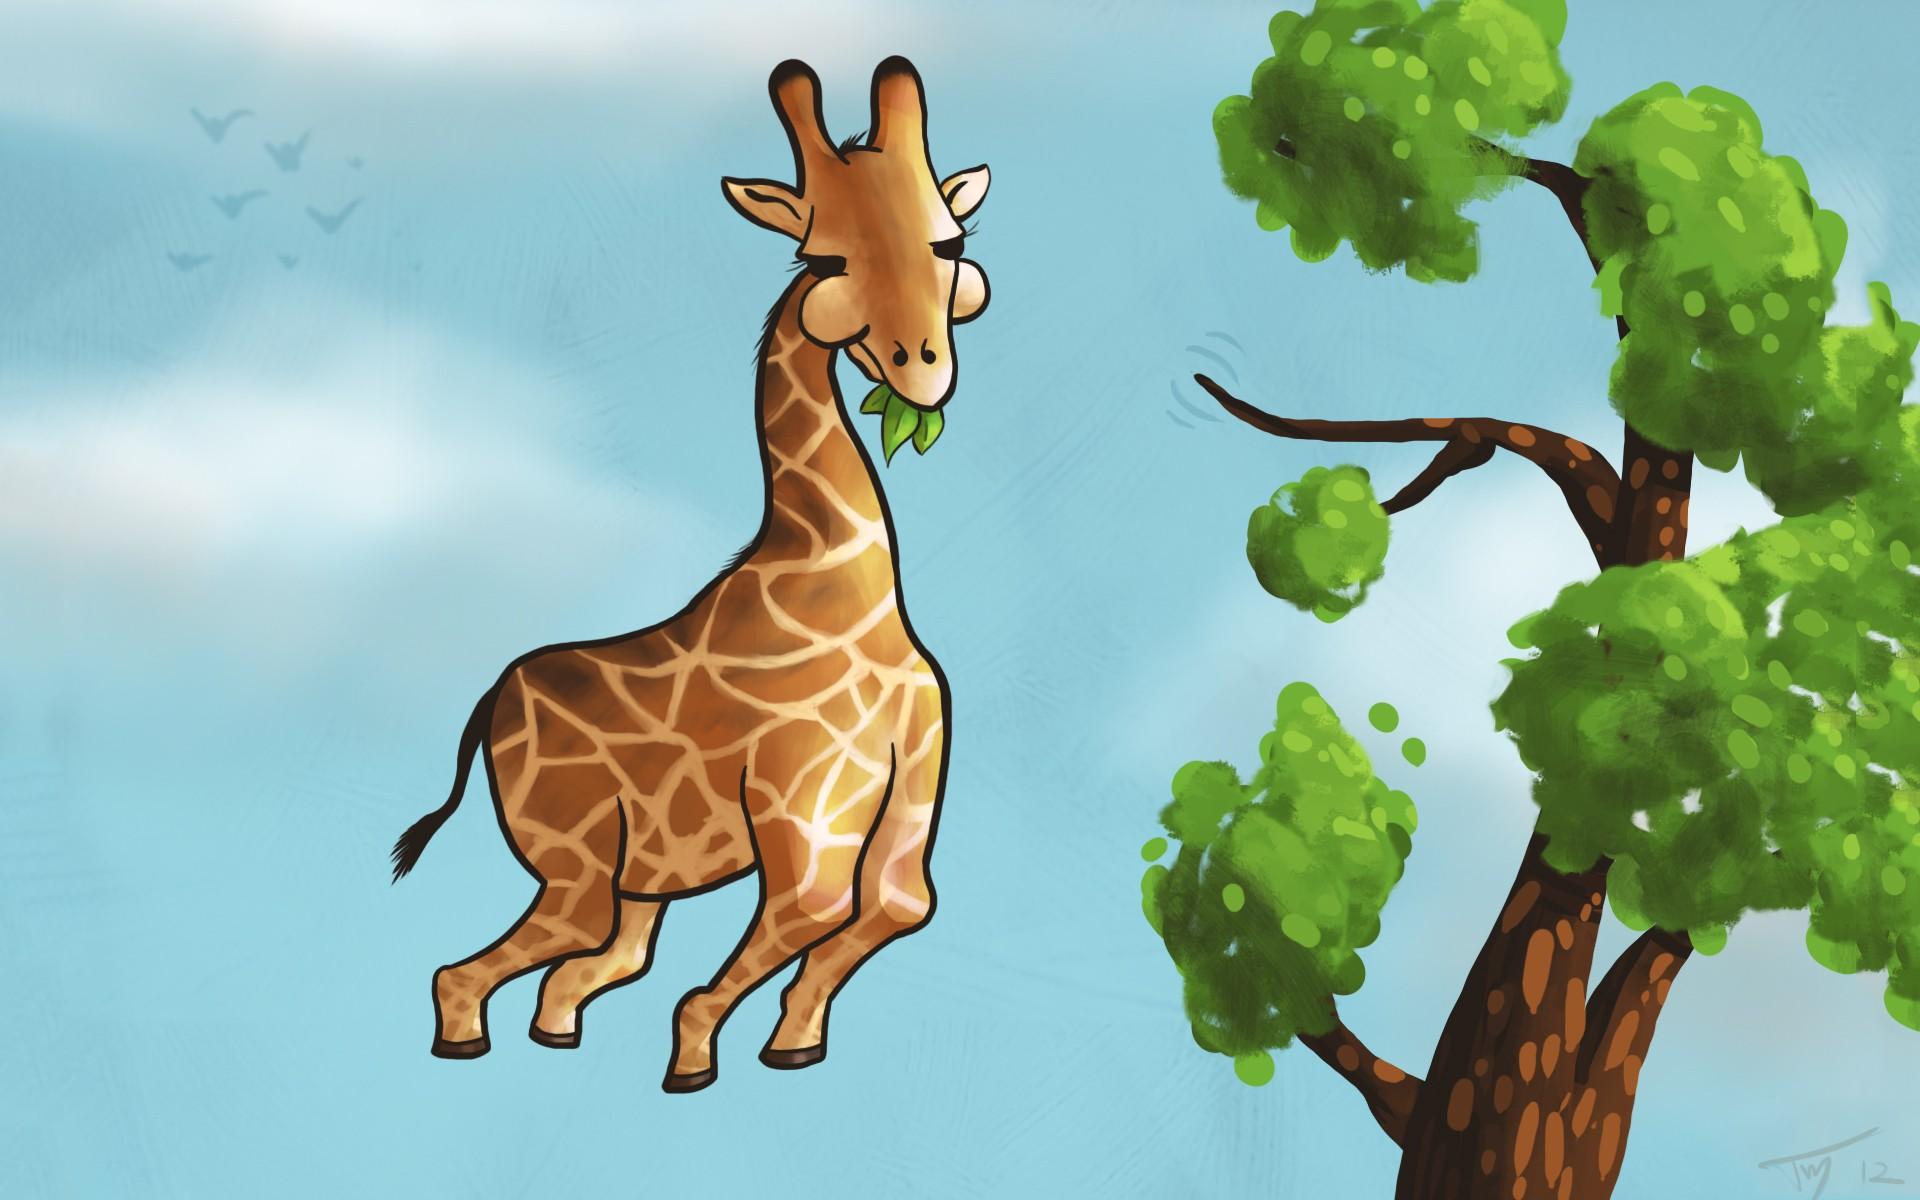 Hintergrundbilder Baume Illustration Tiere Humor Blauer